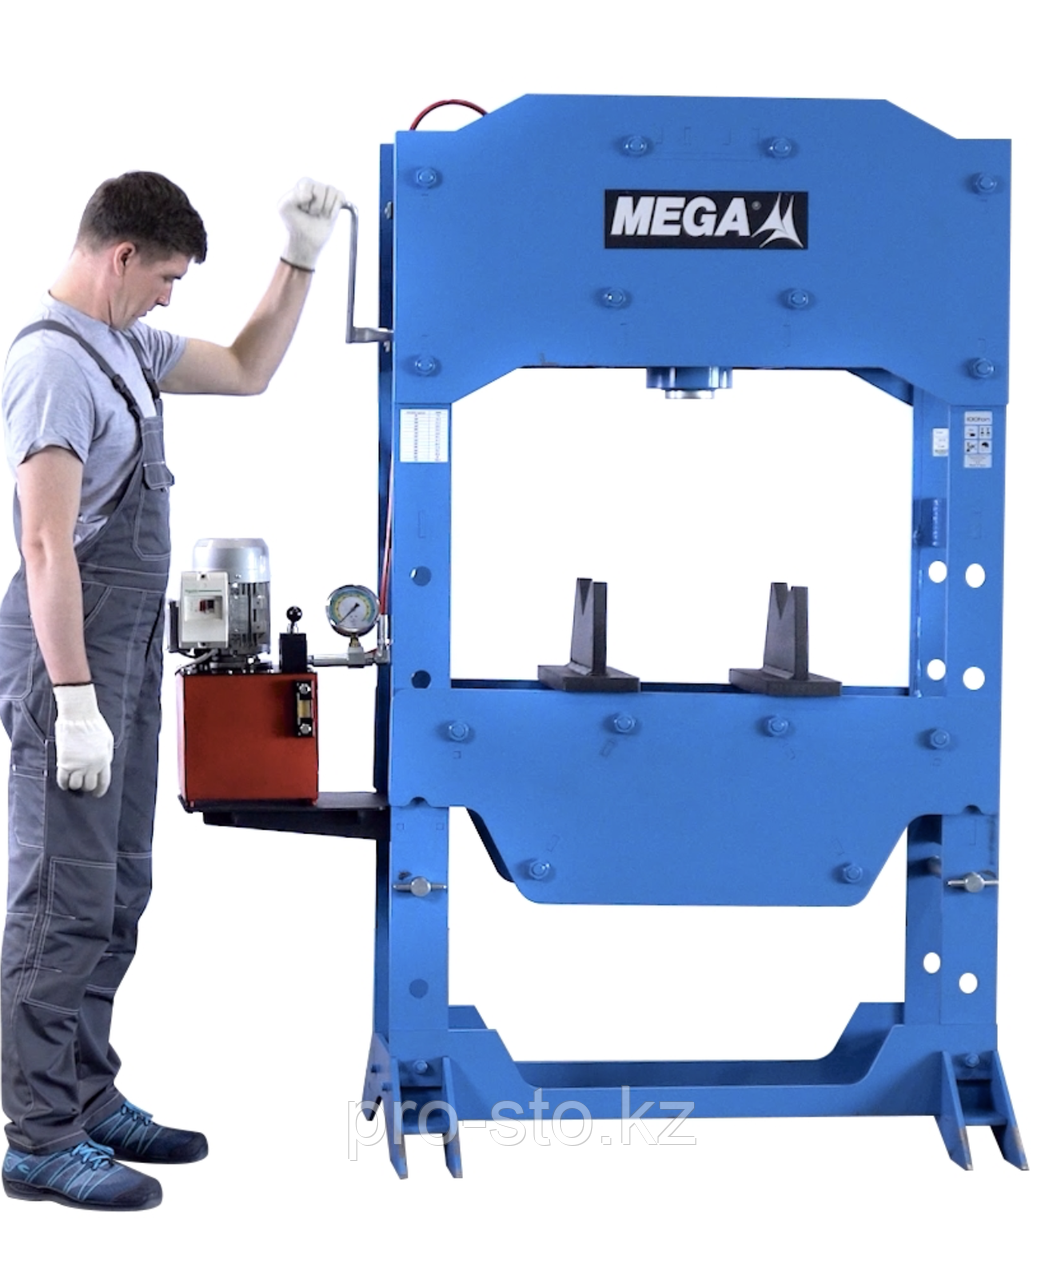 Пресс 100 тонн с электроприводом MEGA Испания - фото 3